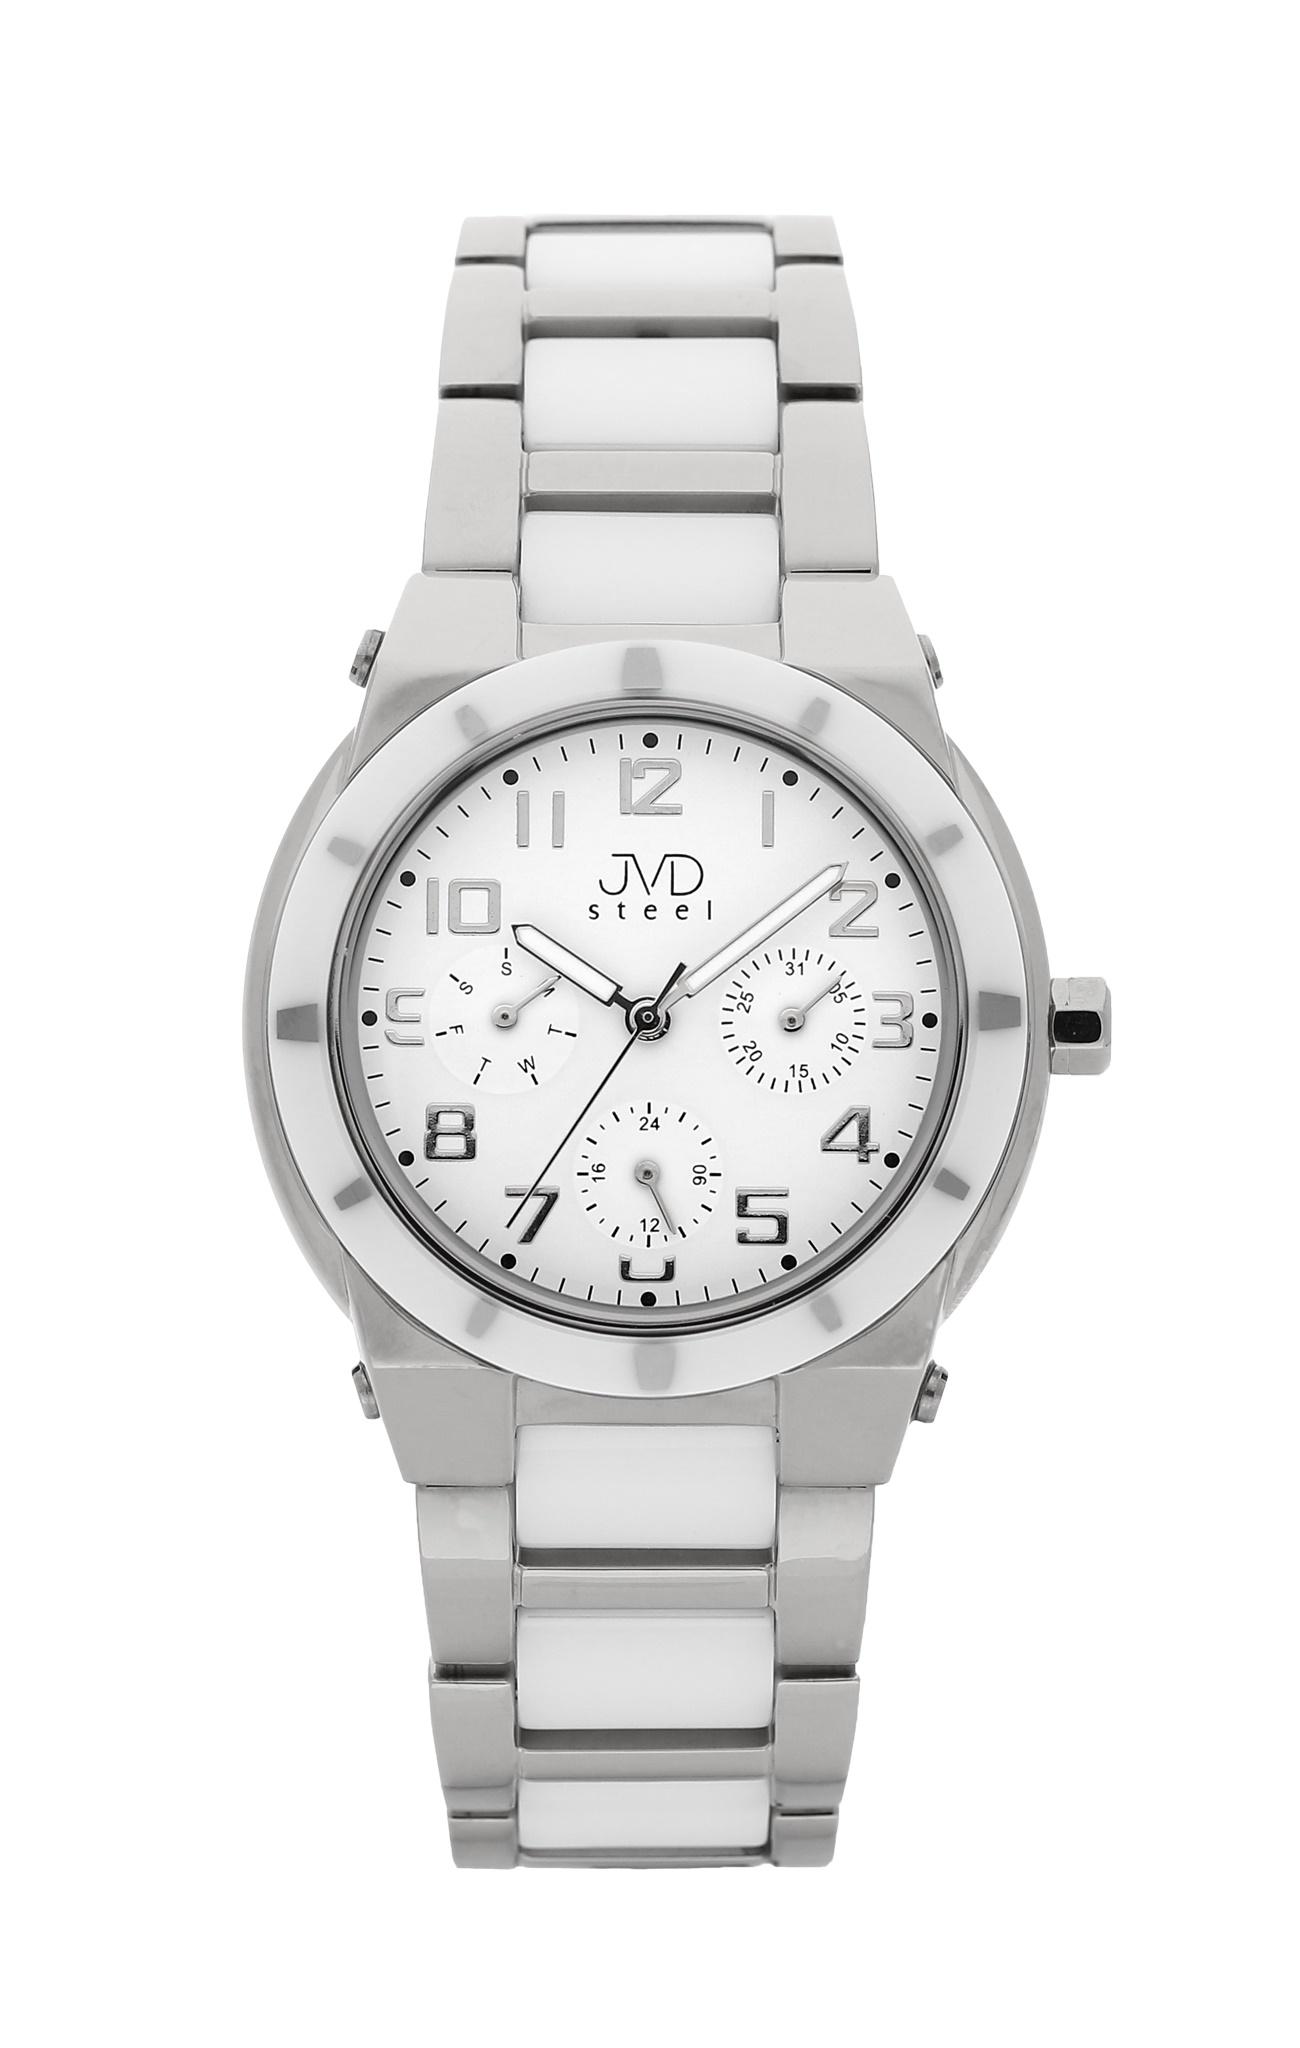 Dámský chronograf - keramické hodinky JVD steel J4131.1 s keramickou lunetou